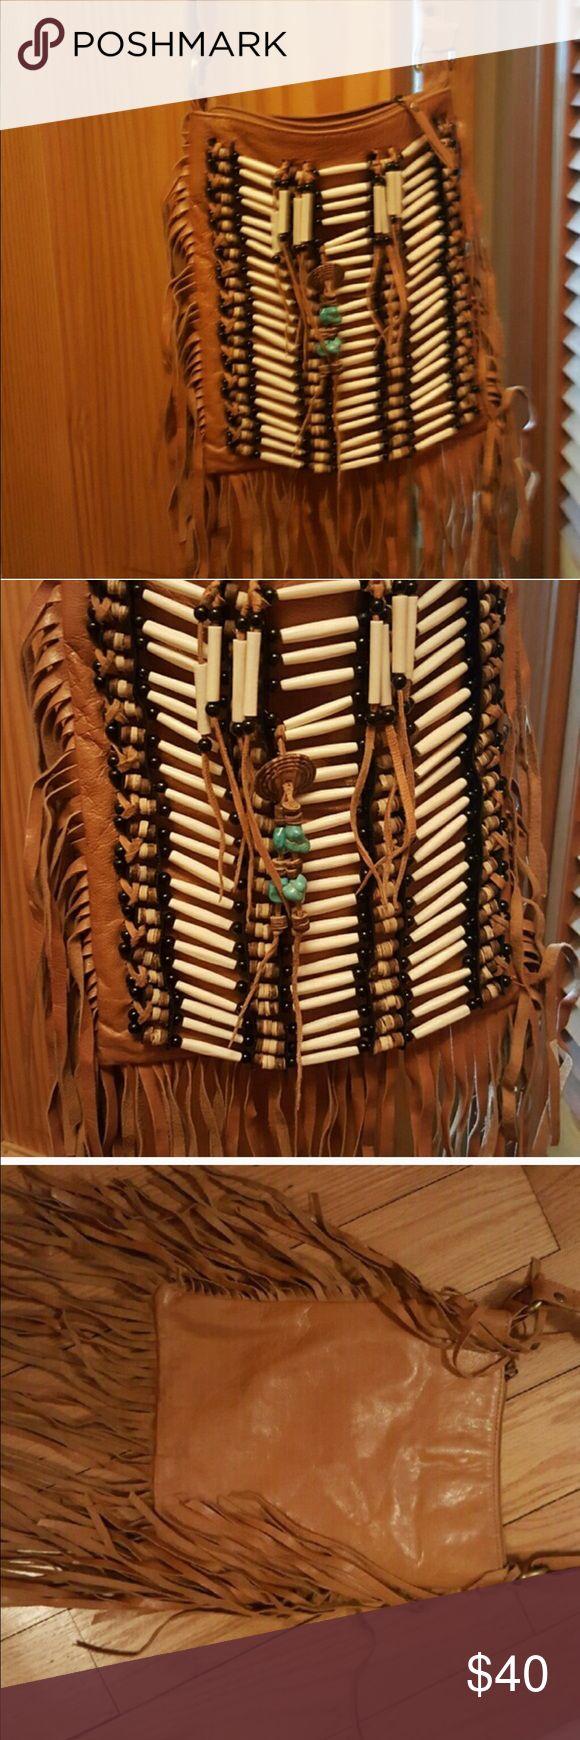 Fringe boho bagSOLDDDD Just in time for summer and spring festivals! Amazing details Bags